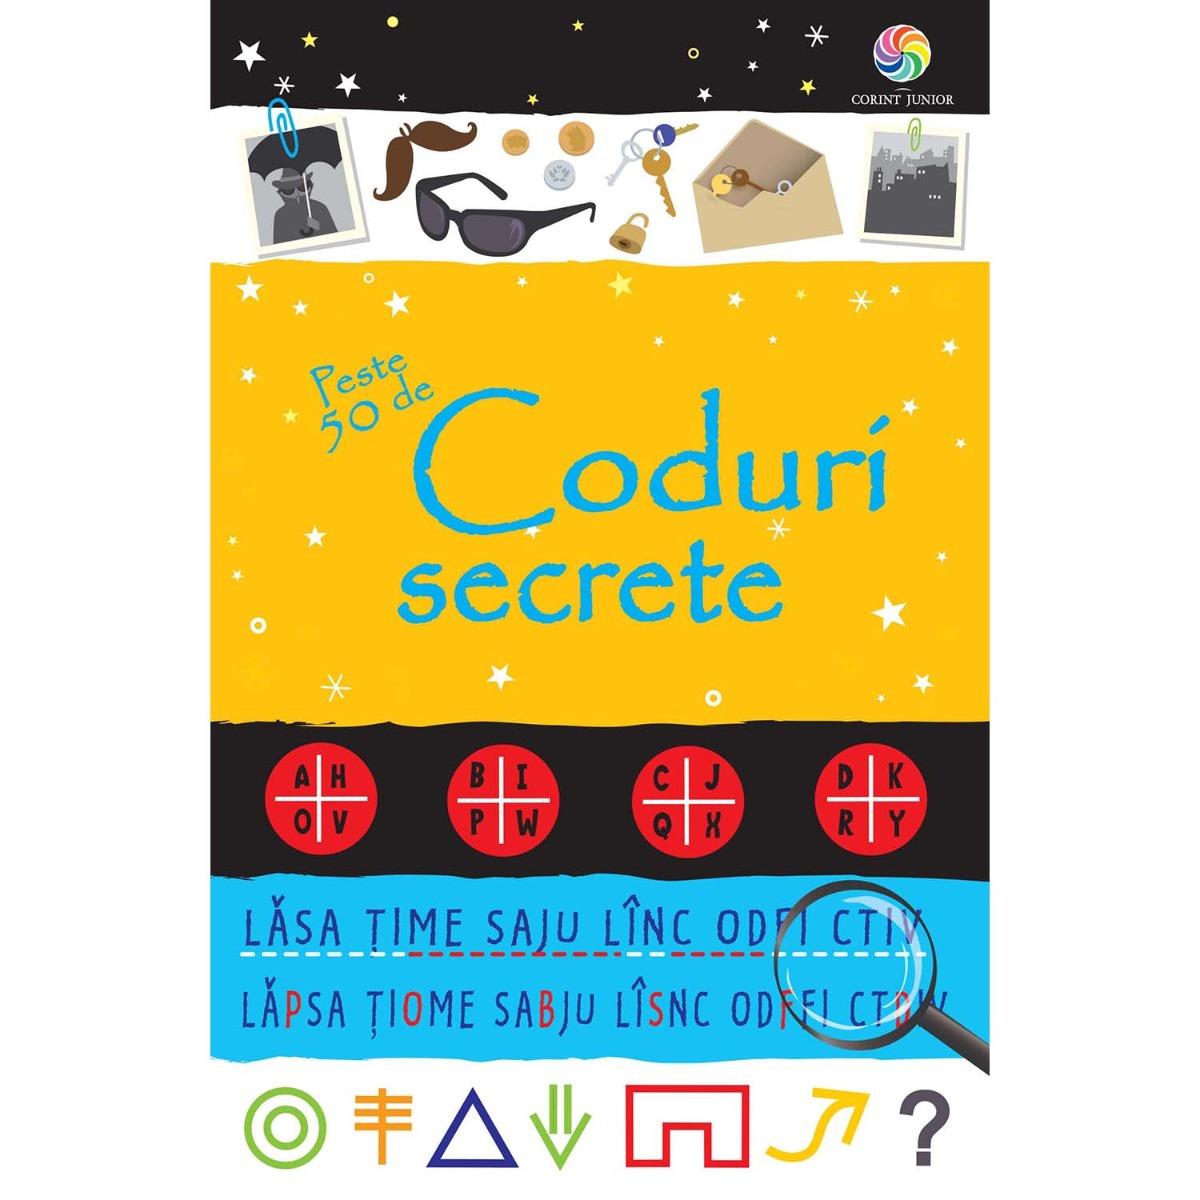 Carte Editura Corint, Peste 50 de coduri secrete, Emily Bone